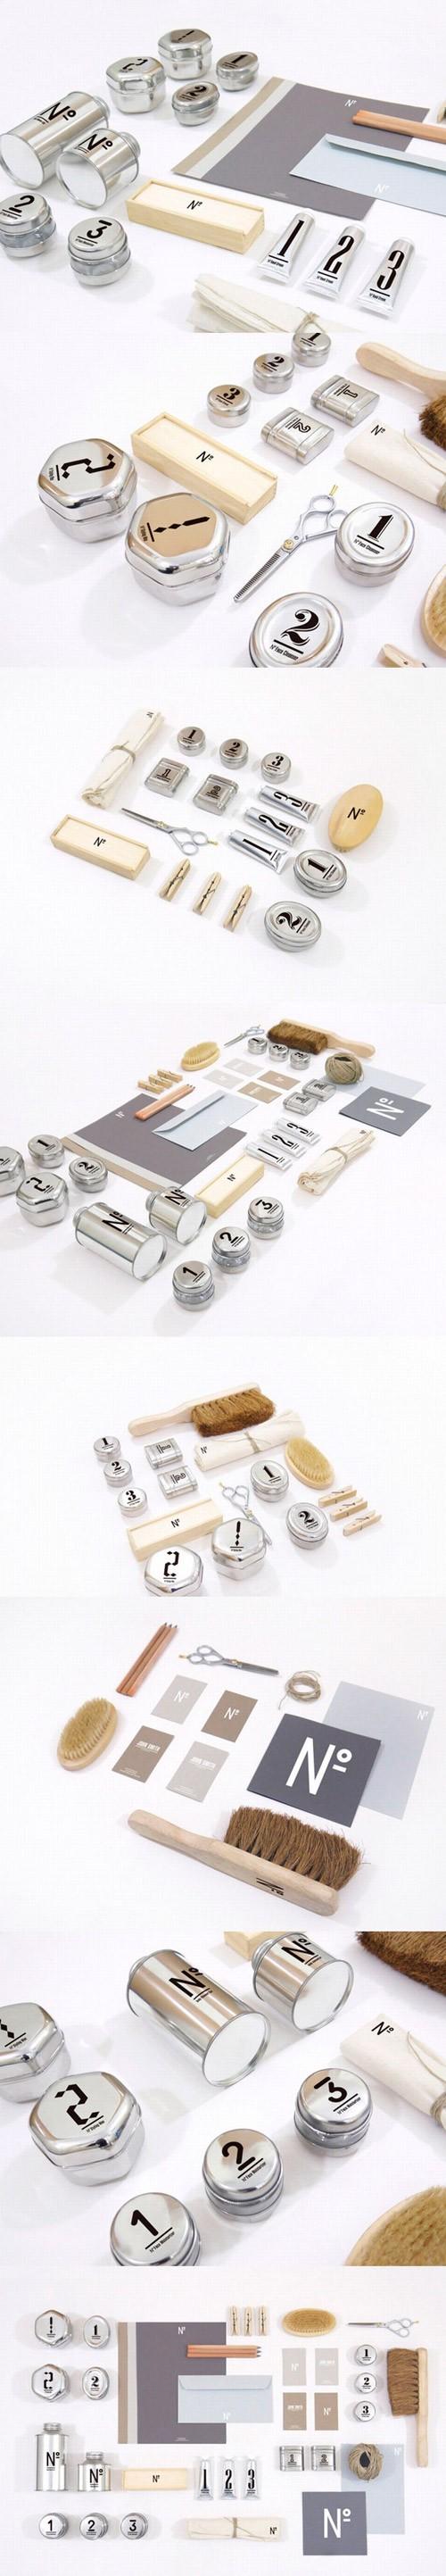 パッケージデザインvol.22男性コスメ編 参考になる優れたパッケージ/プロダクトデザインをご紹介